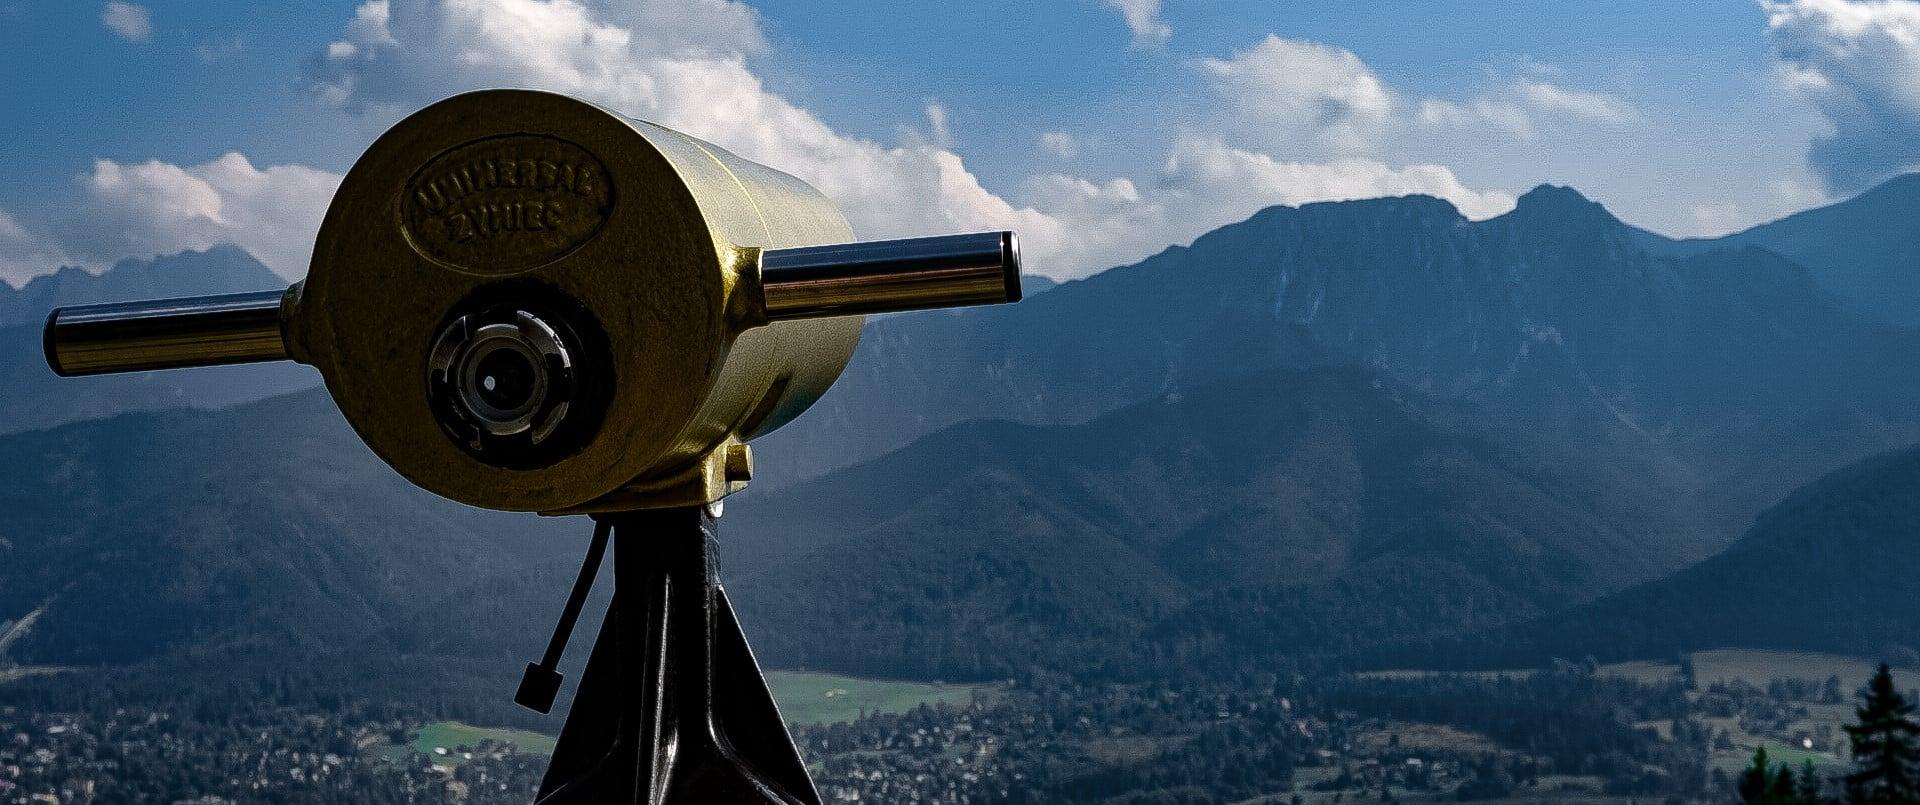 Zakopane tour - gubalowka view